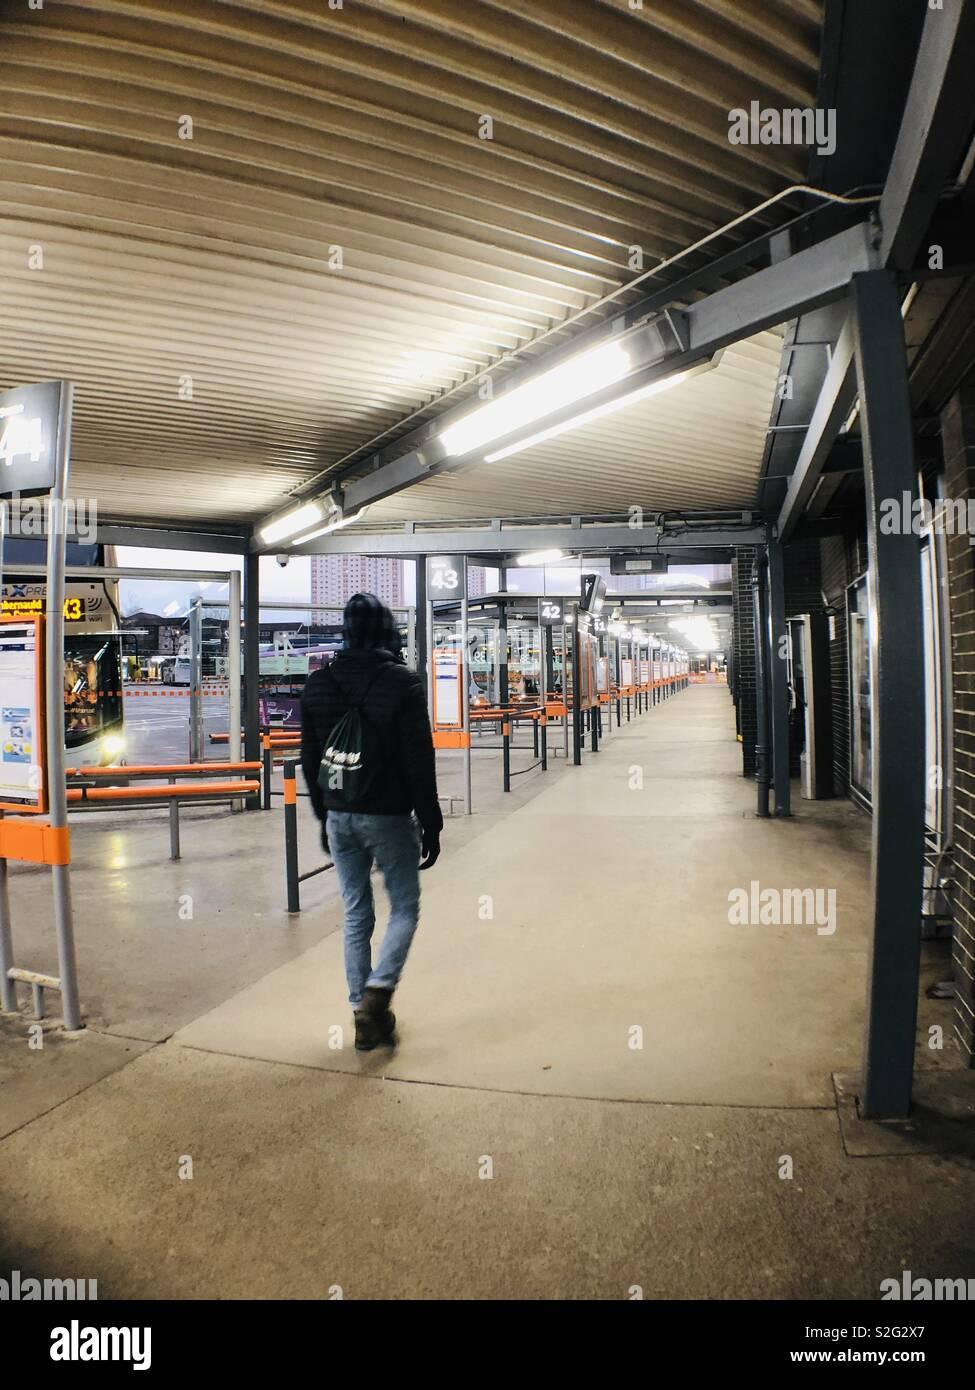 Am frühen Morgen, Buchanan Street Busbahnhof, Glasgow, Schottland, Vereinigtes Königreich. Stockbild